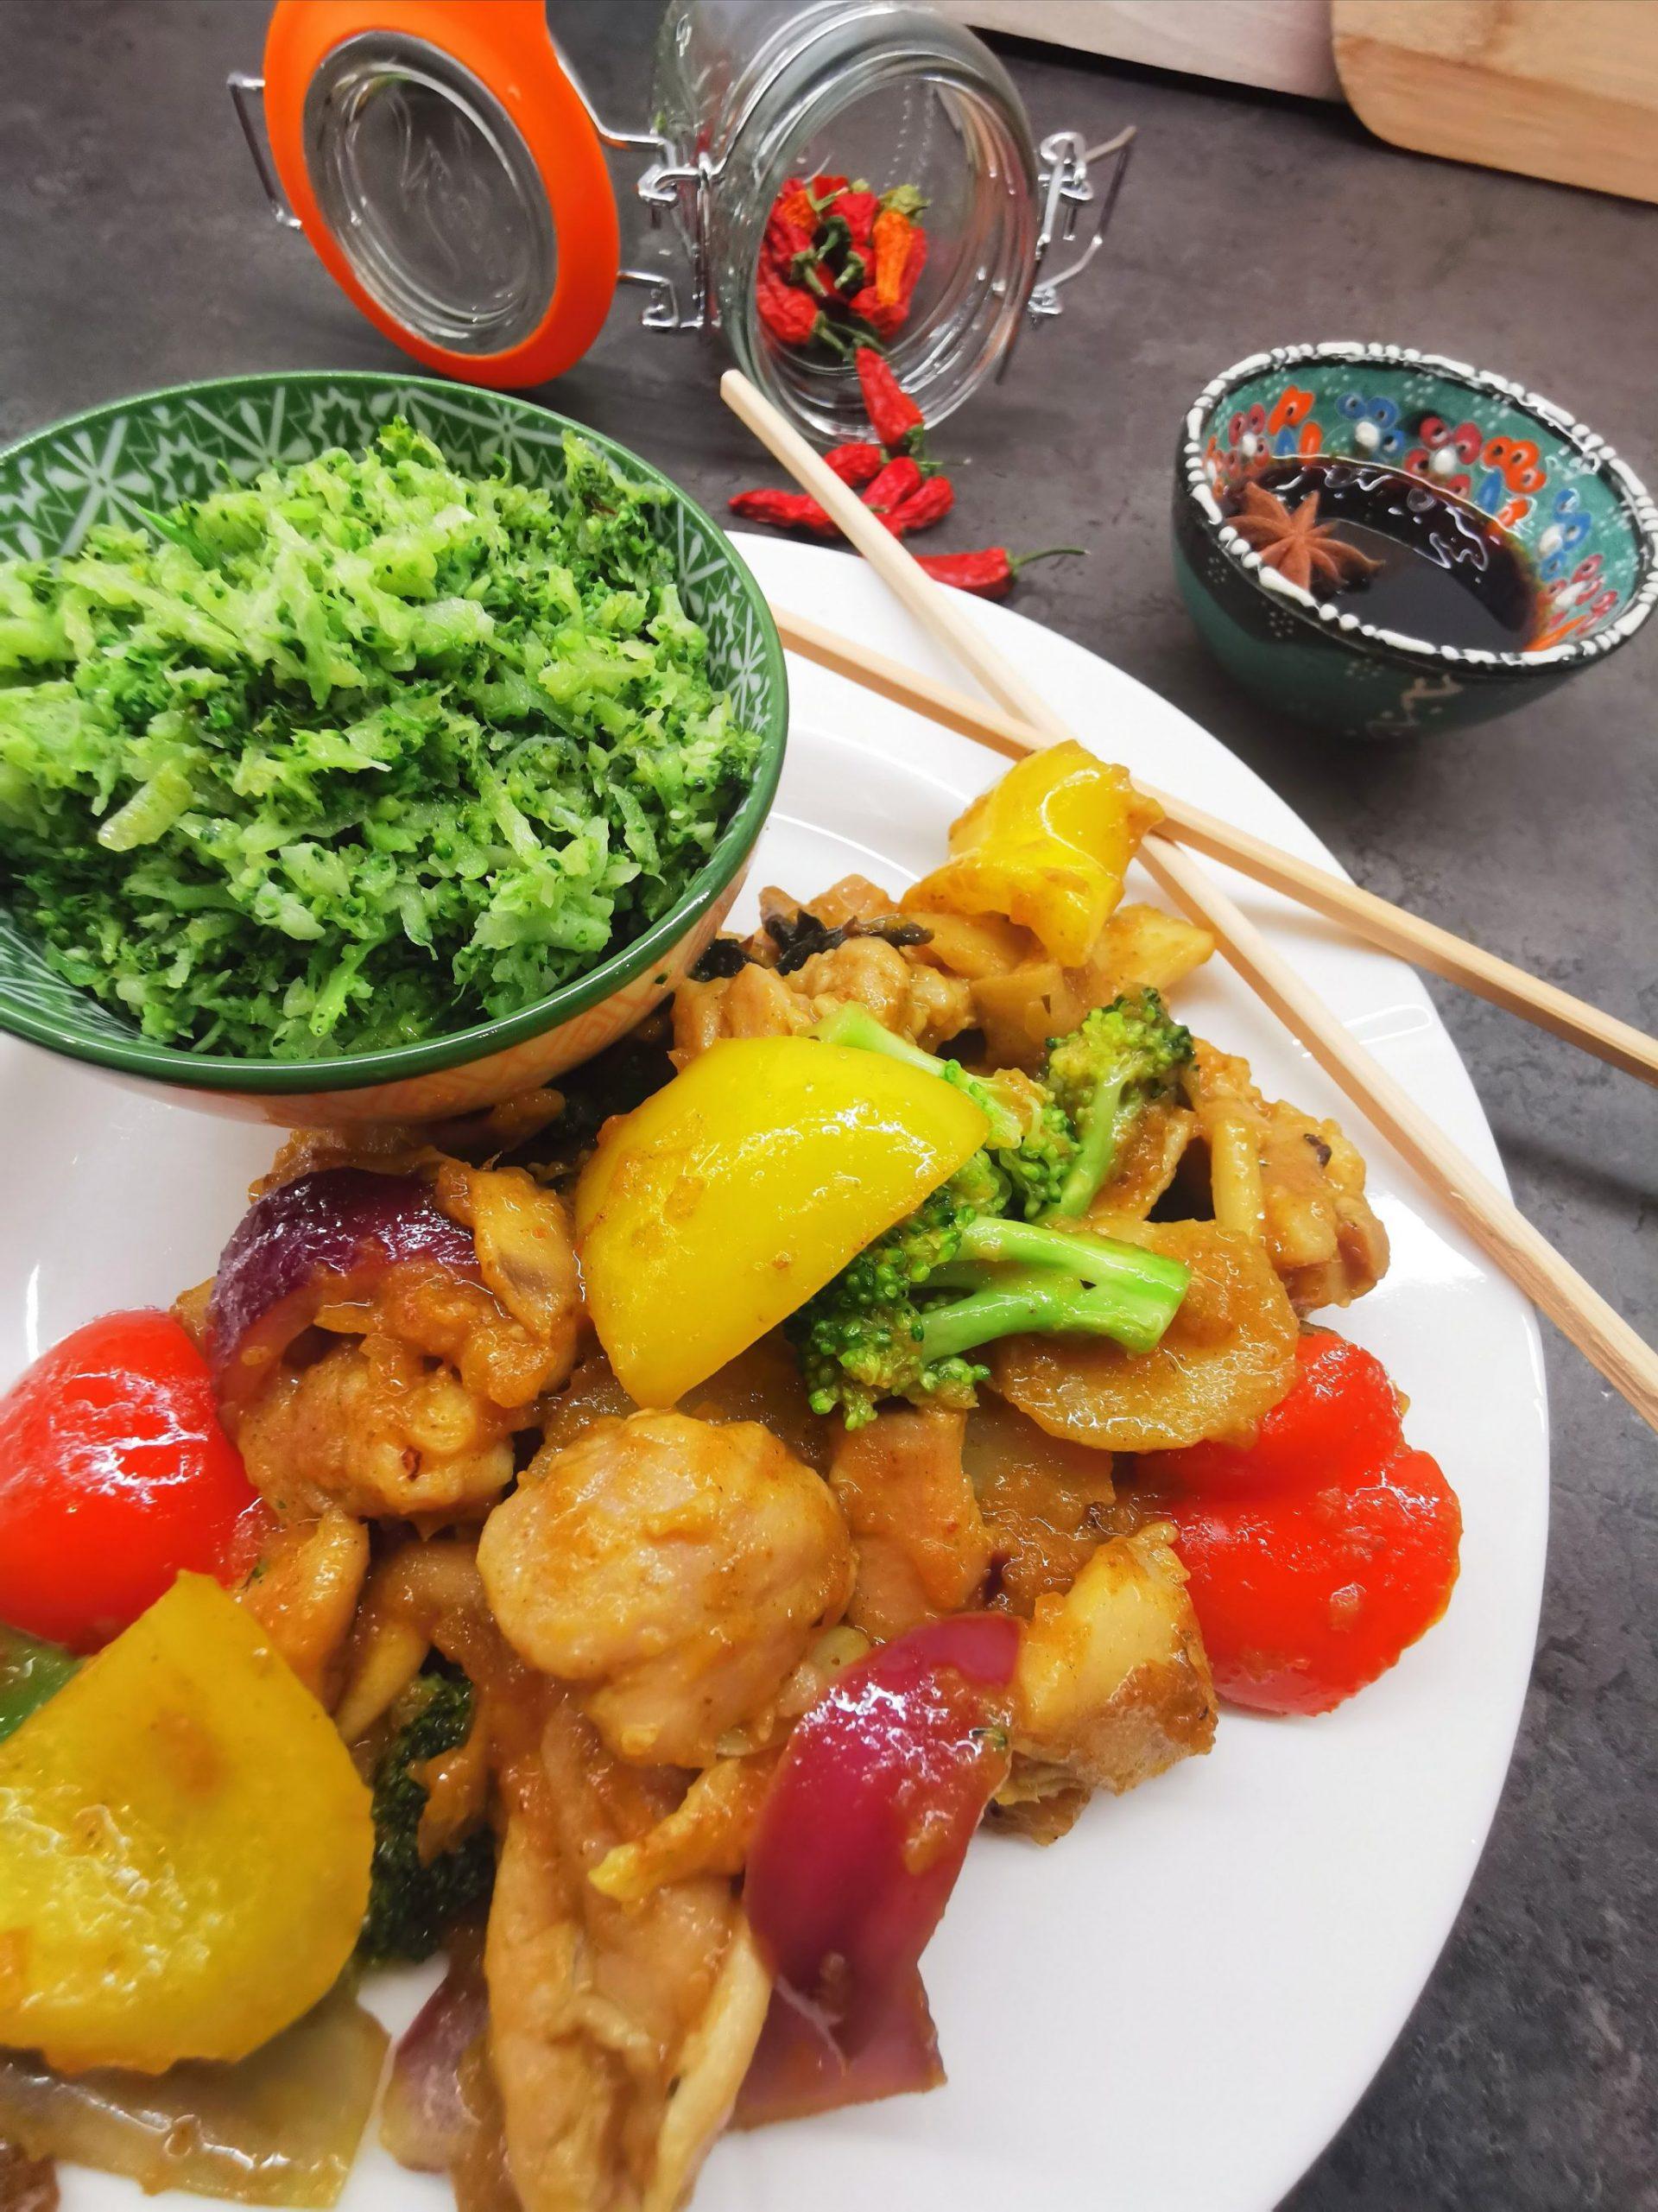 Lavkarbo kinesisk kylling i karri